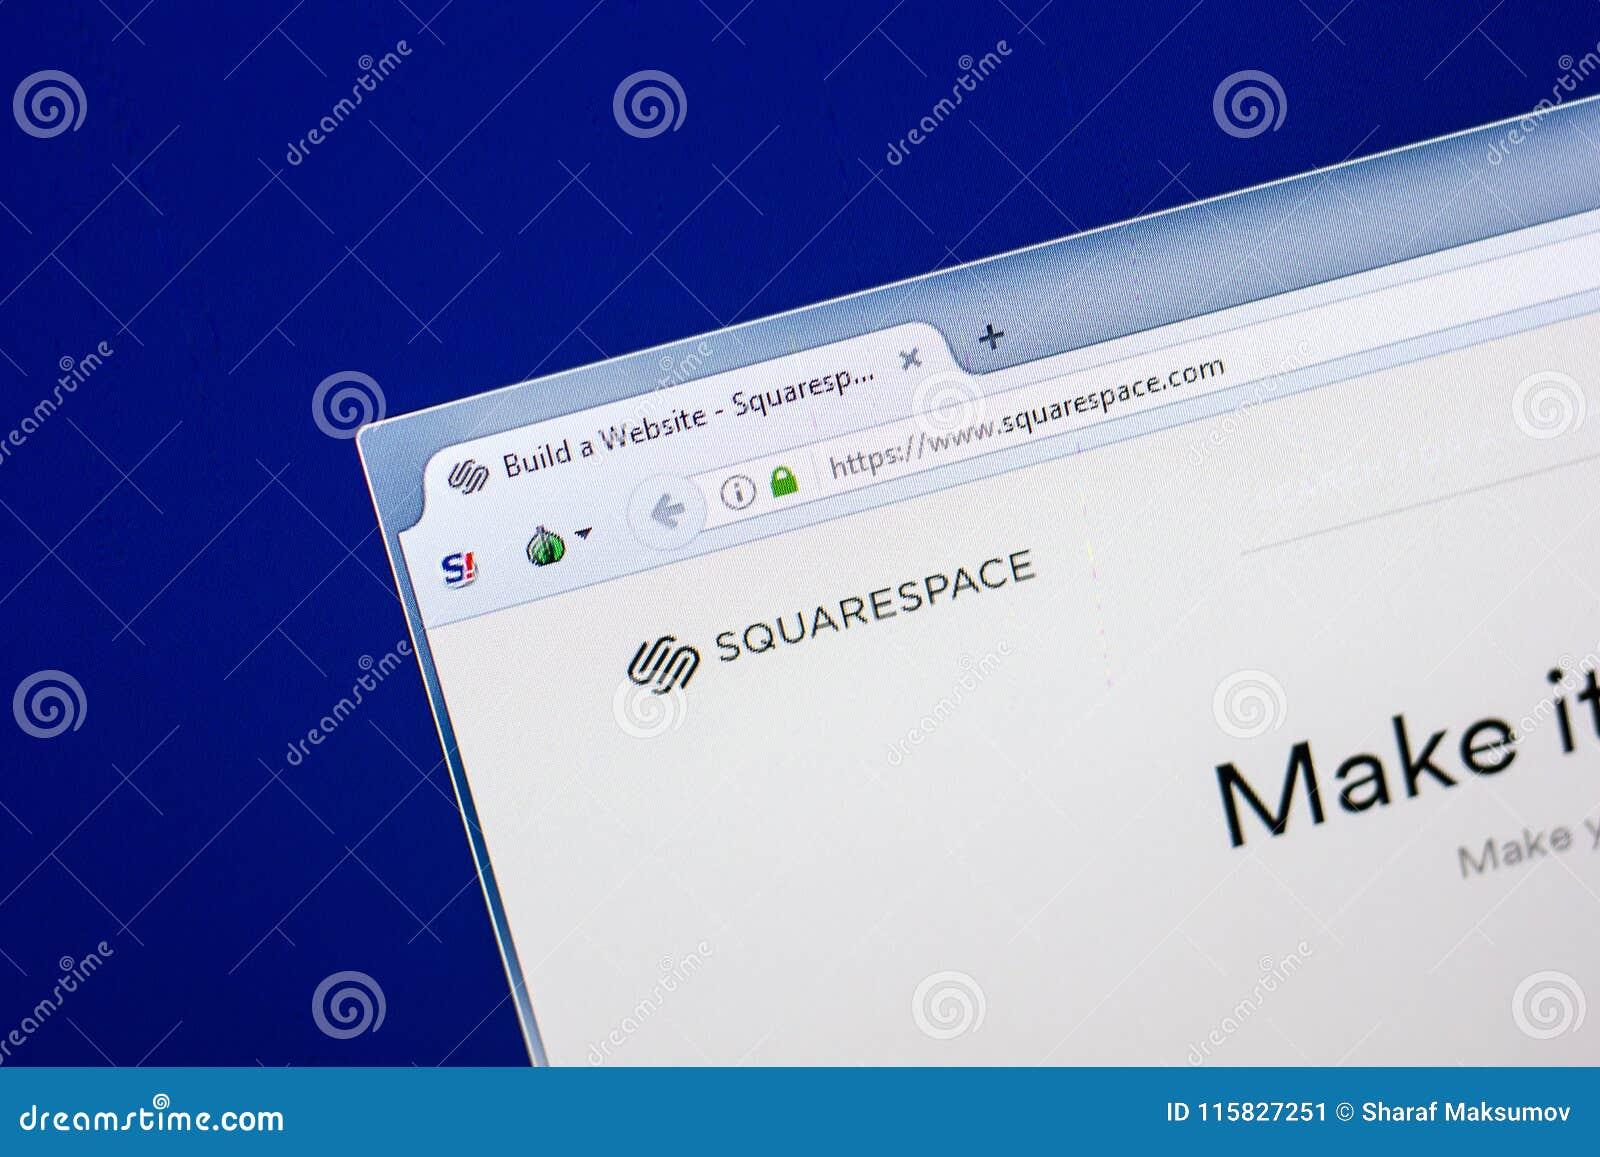 Ryazan, Russland - 29. April 2018: Homepage von Squarespace-Website auf der Anzeige von PC, URL - Squarespace com